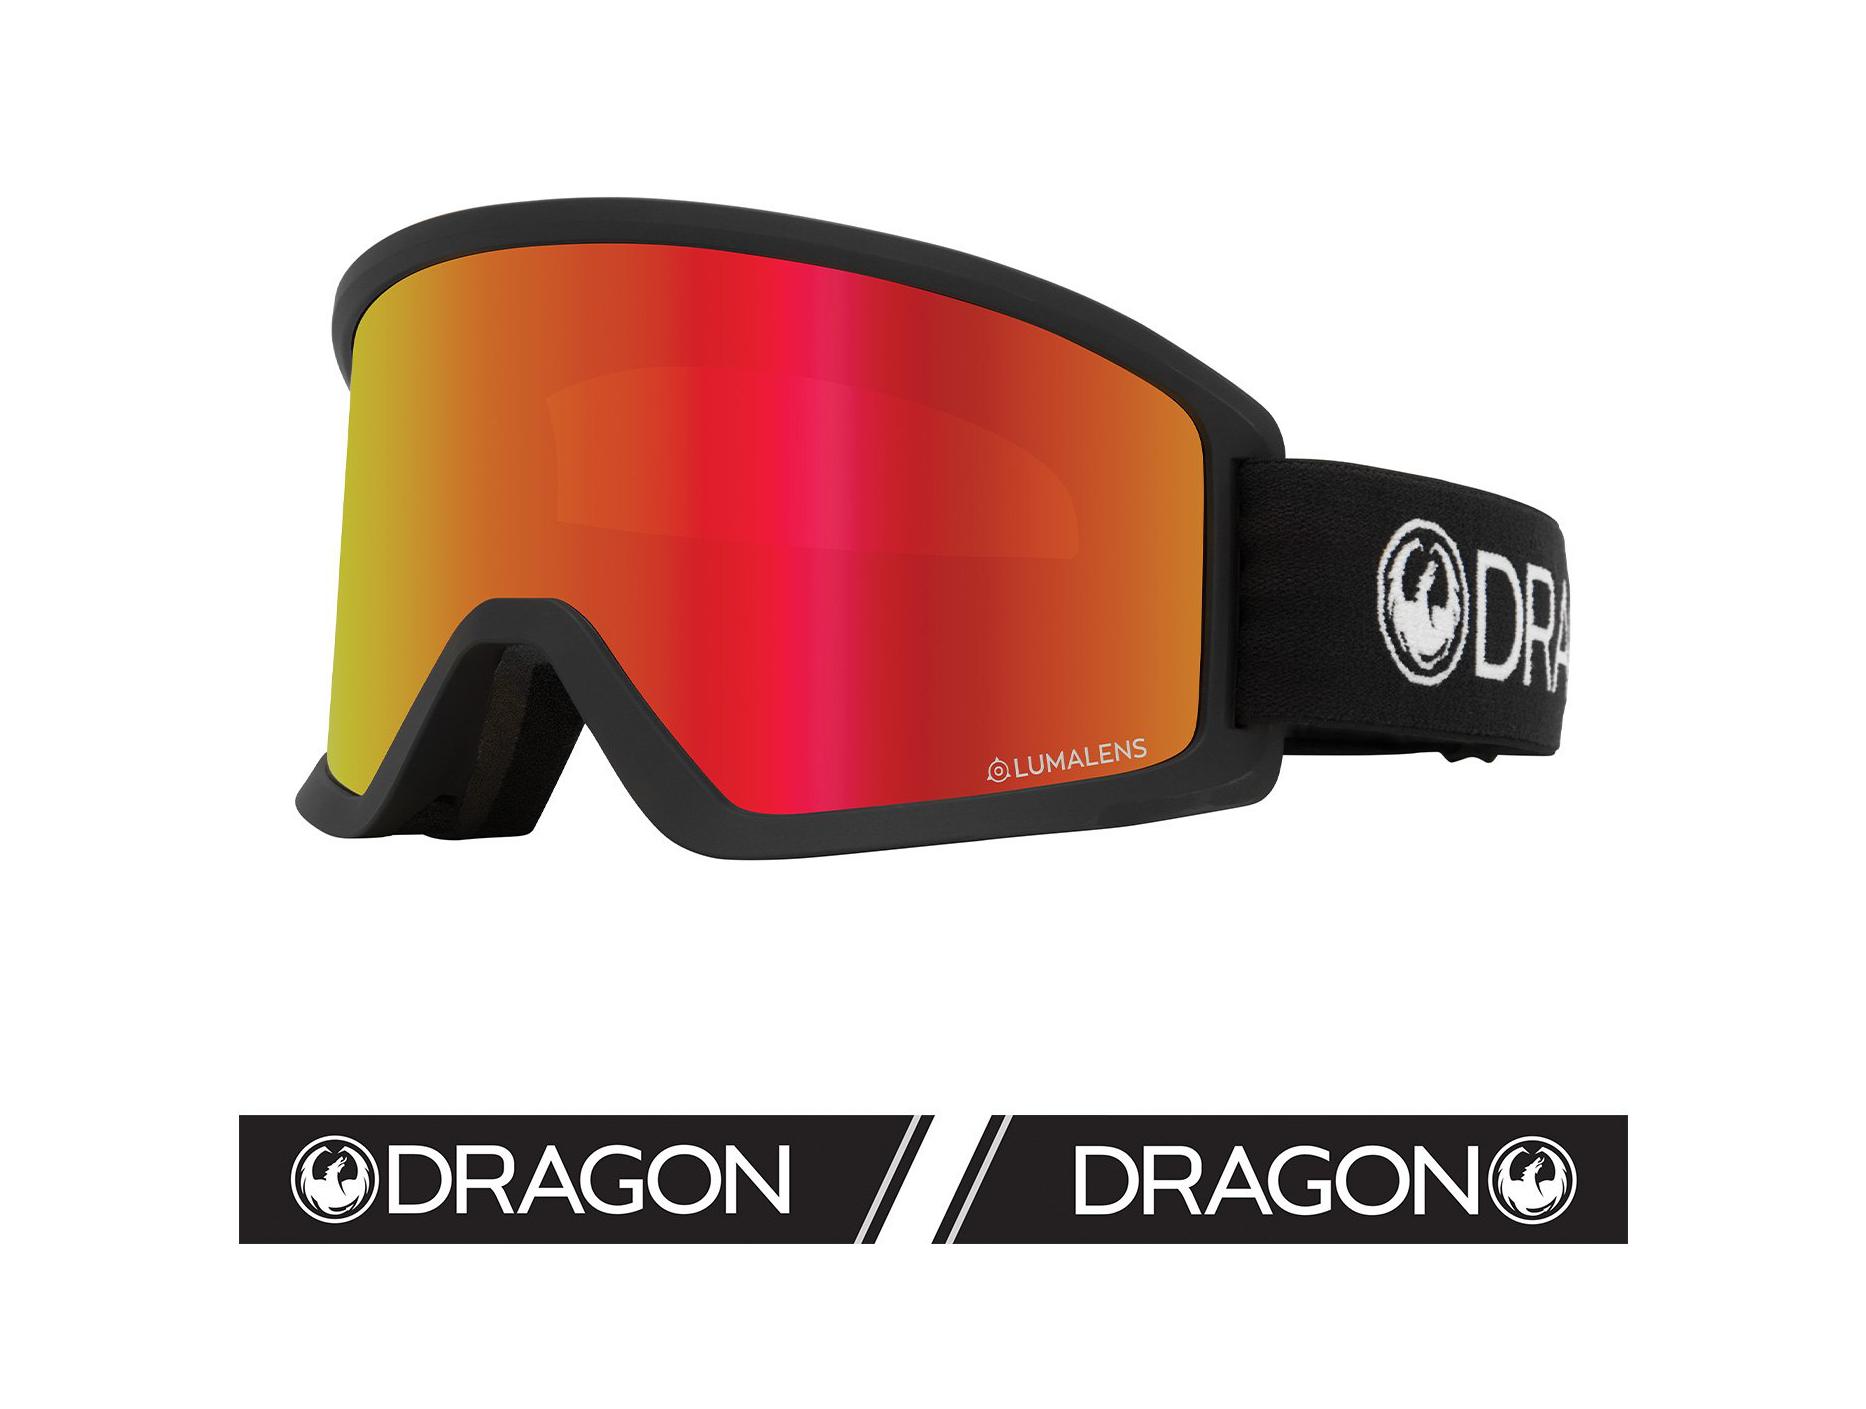 Dragon DX3 pic 1